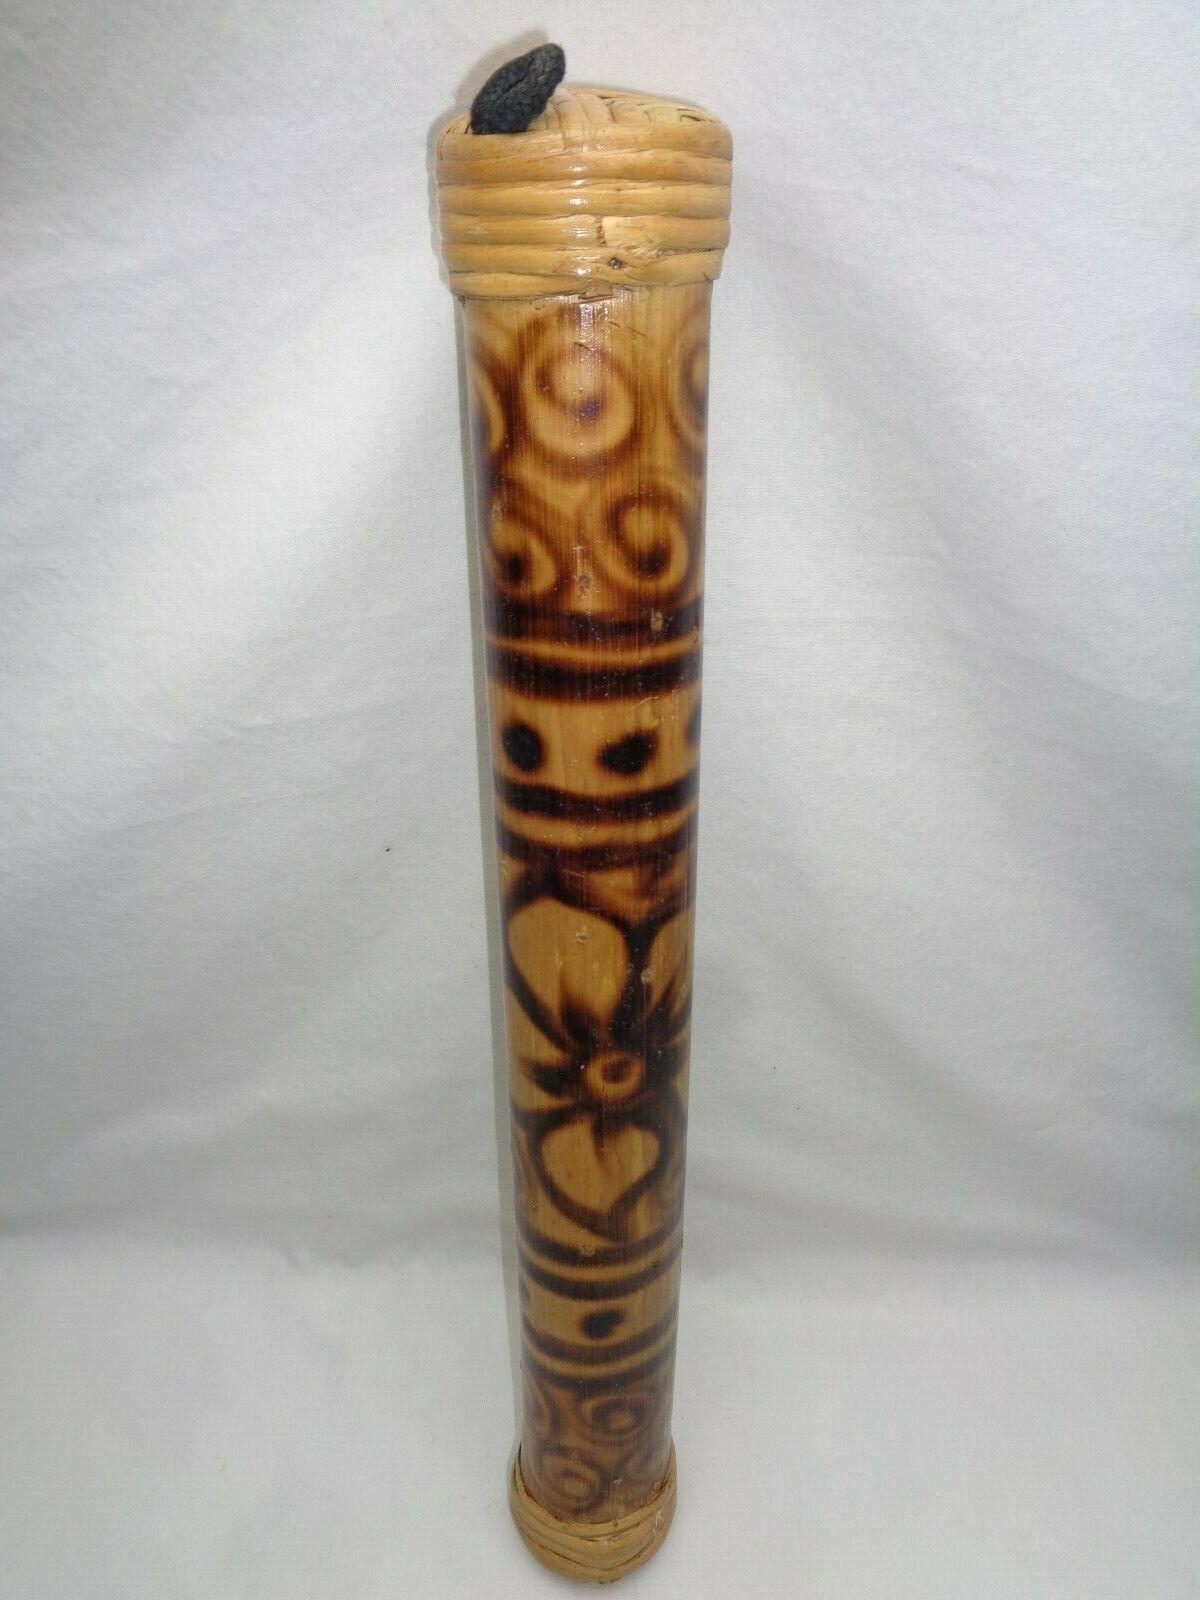 Vtg Wood Bamboo Rainstick Hand Shaker Musical Rain Maker Stick Tiki Modern Decor